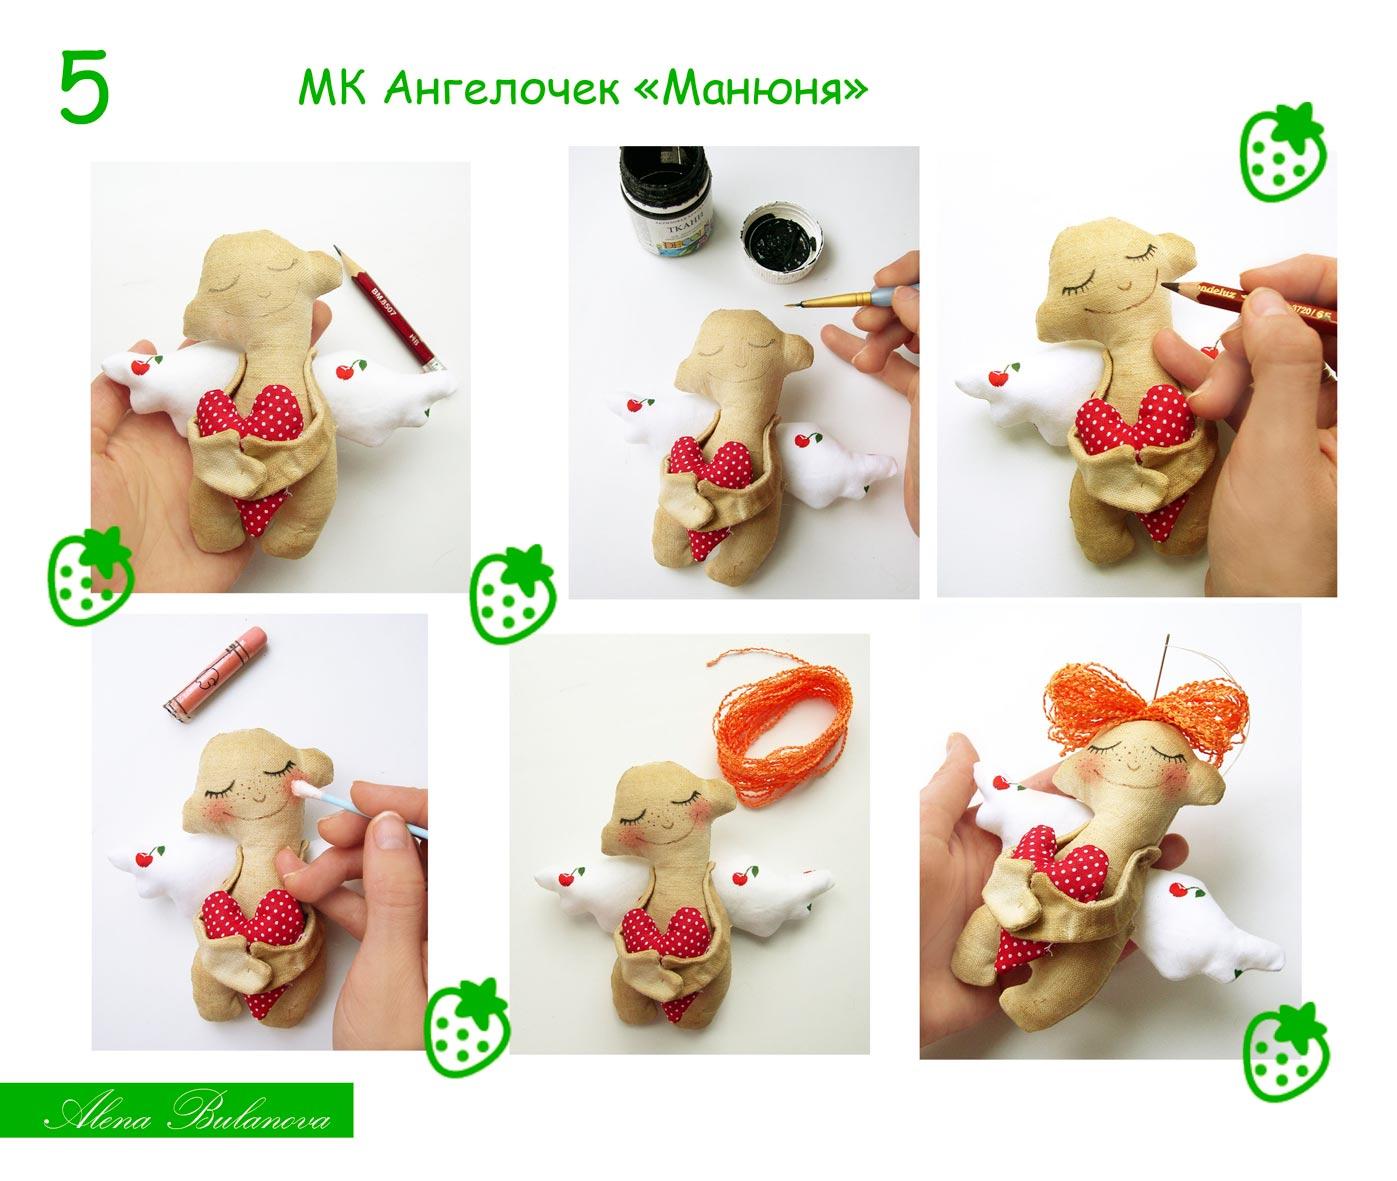 Мягких игрушек мастер класс с пошаговым